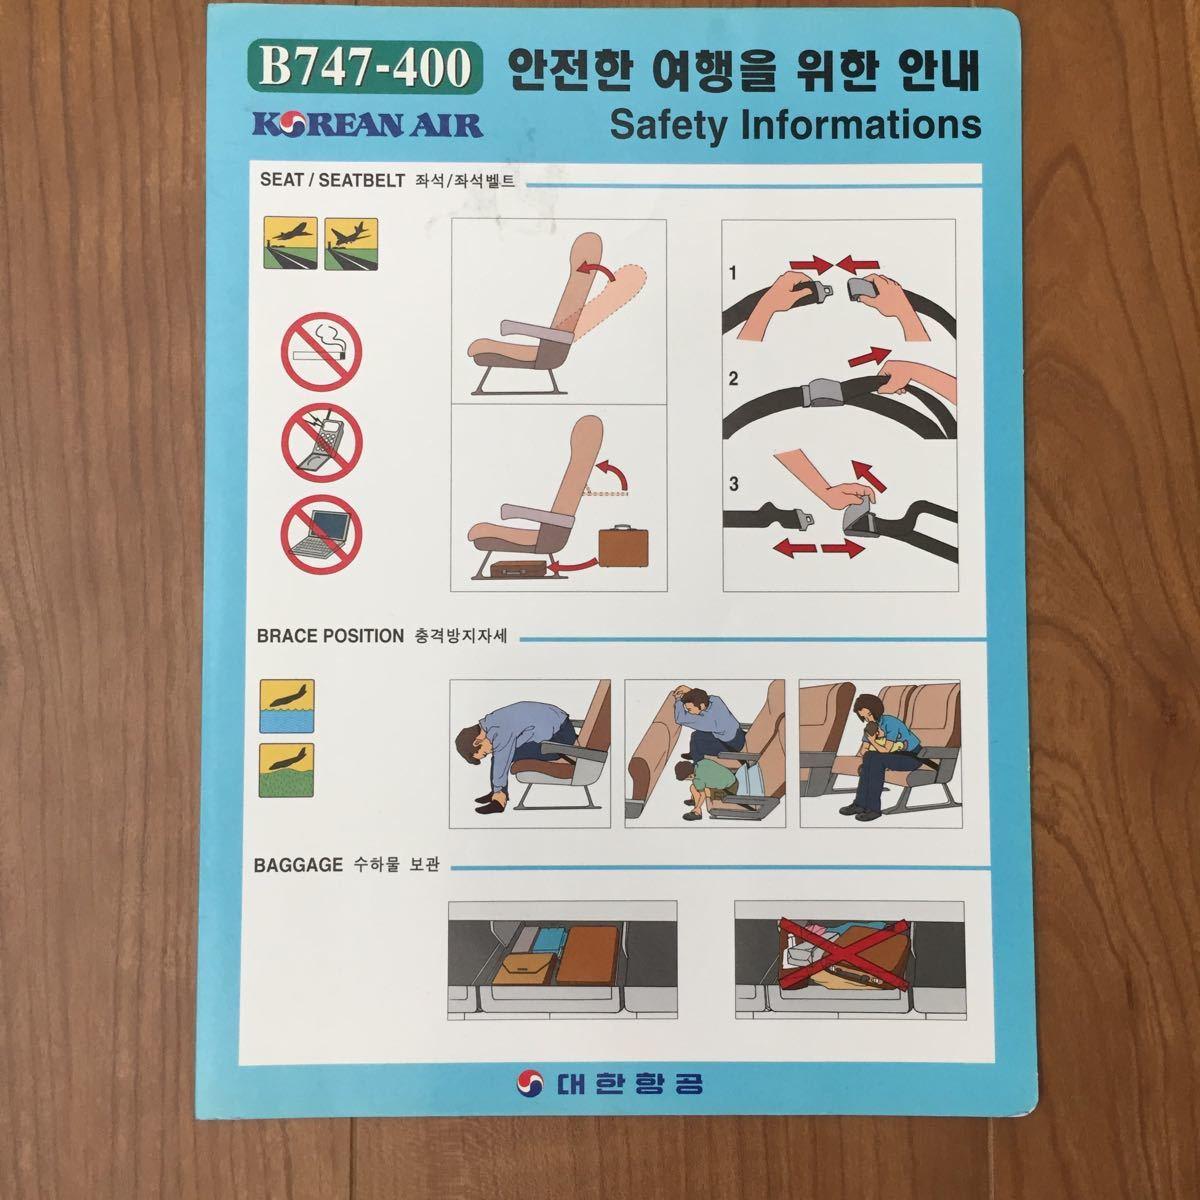 大韓航空 Korean Air B747-400 安全のしおり Safety Informations ジャンボ機 レトロ ボーイング_画像1